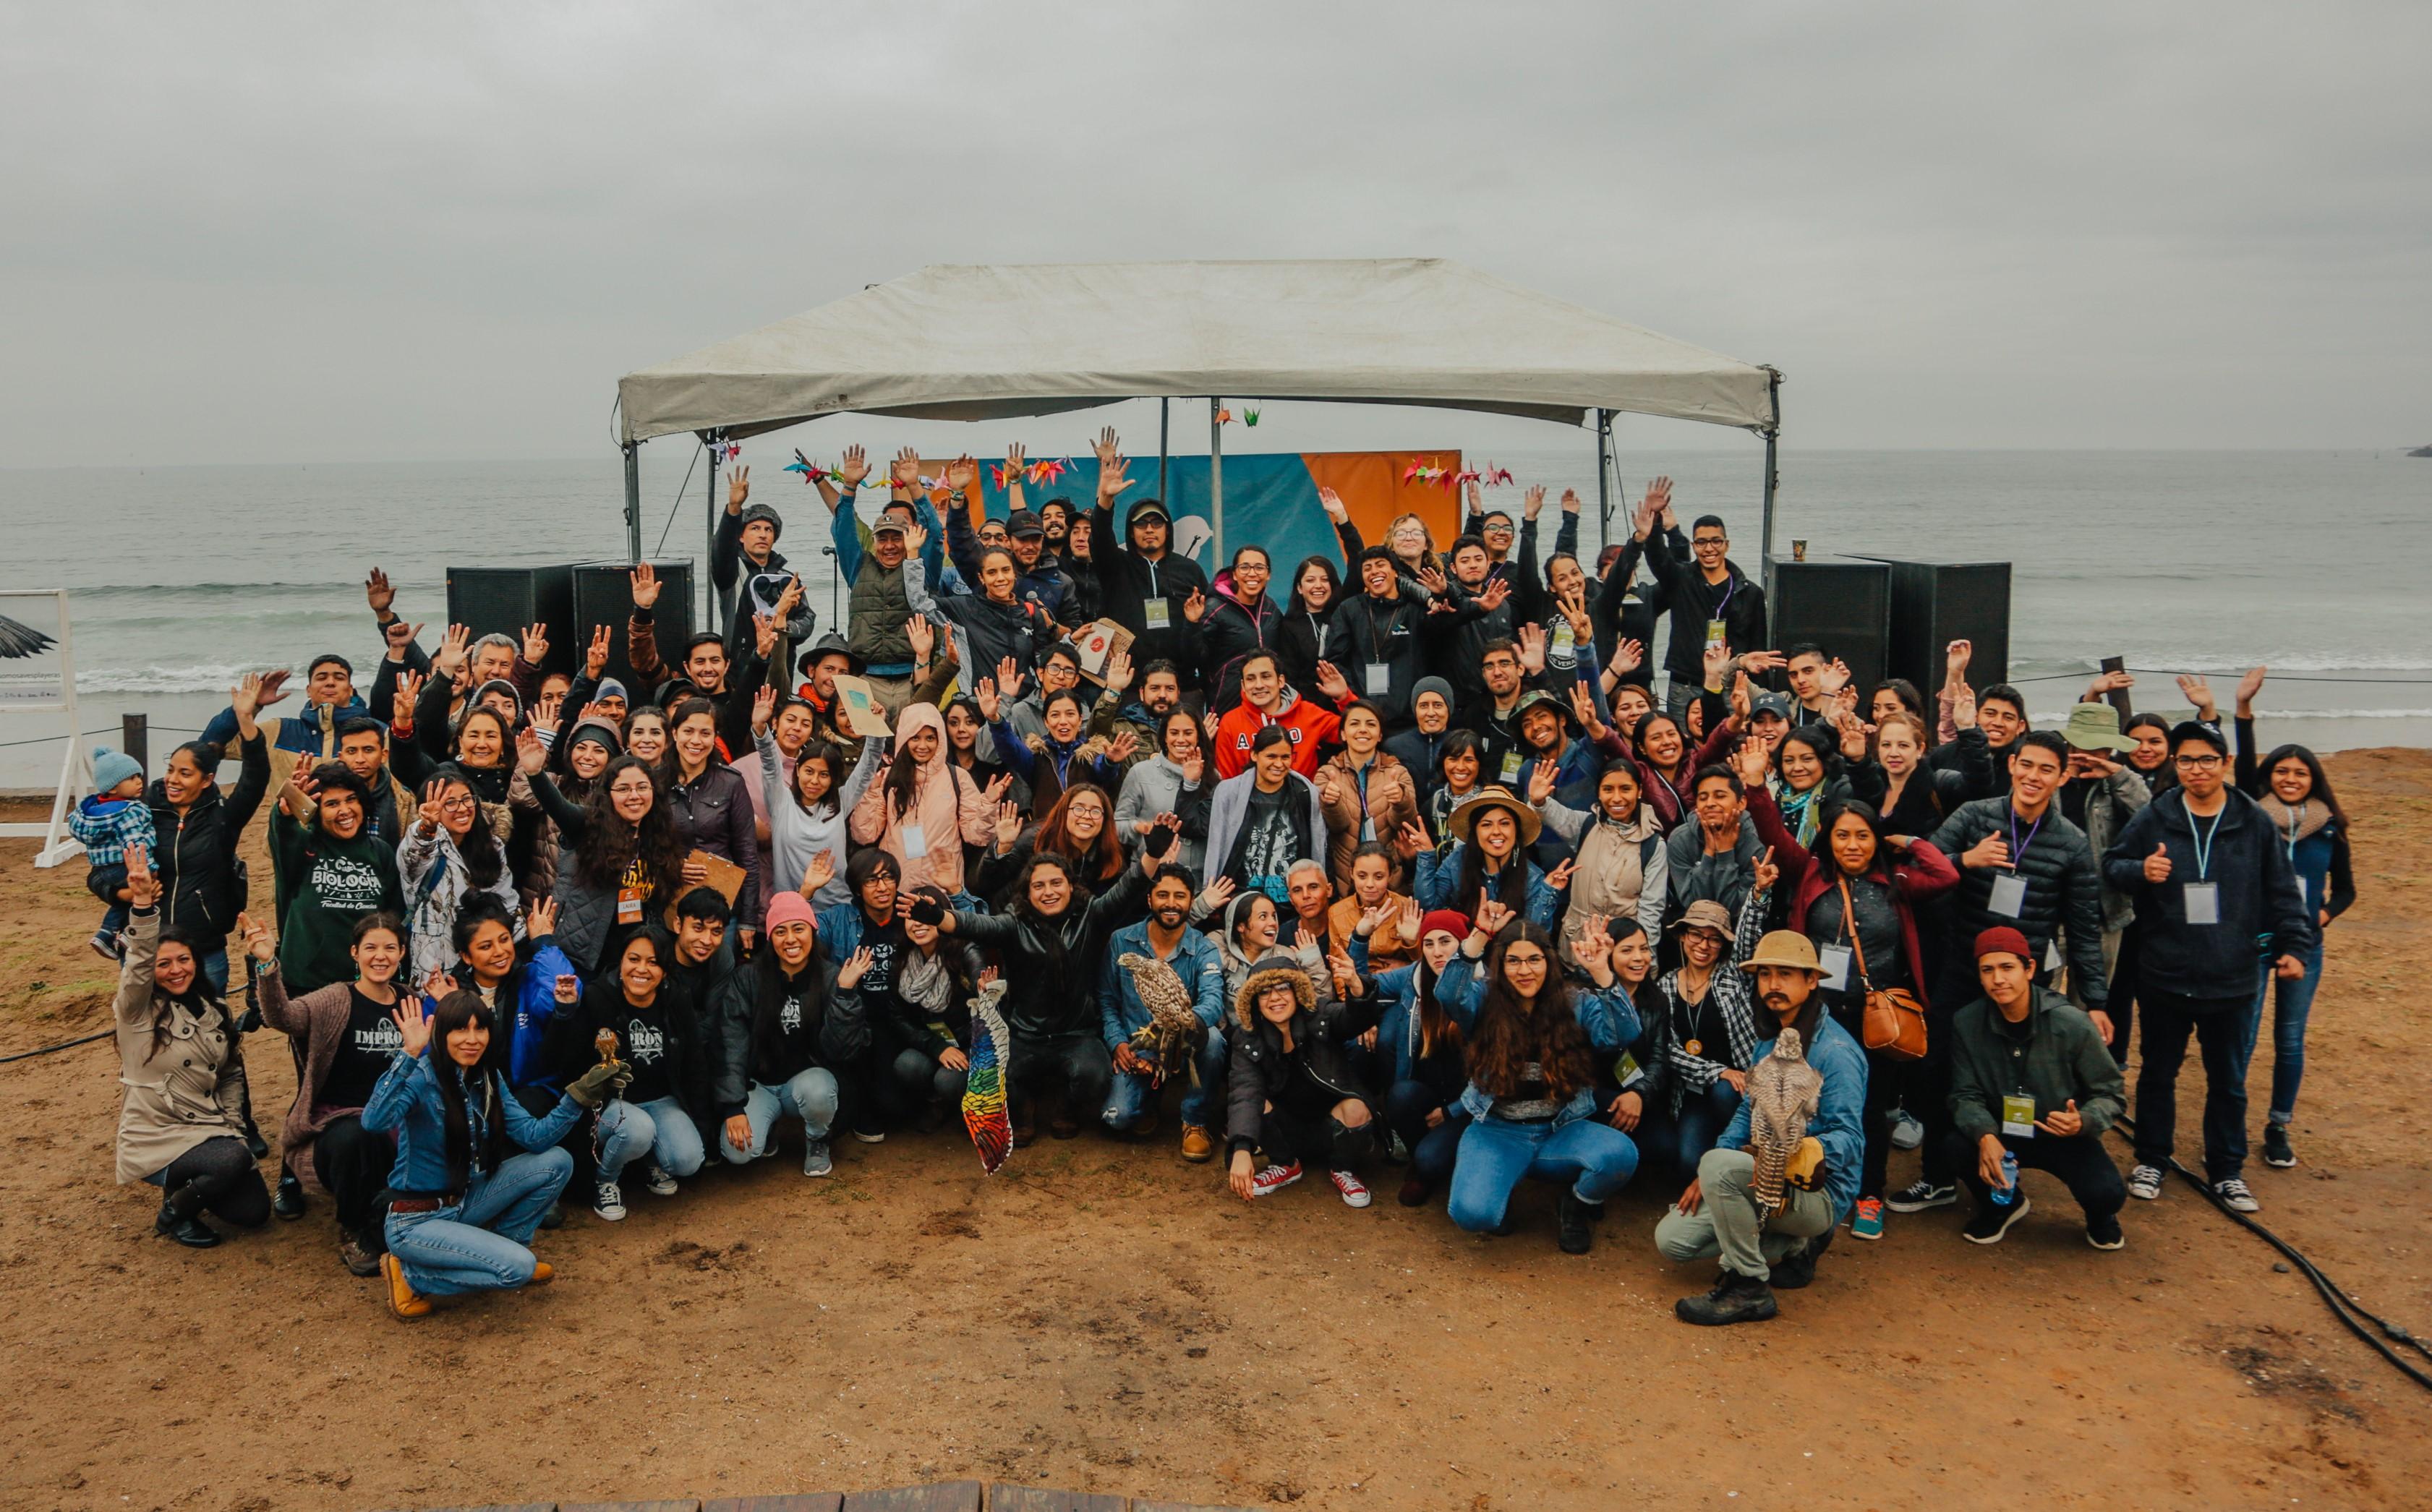 2do Festival de las Aves Bahía de Todos Santos